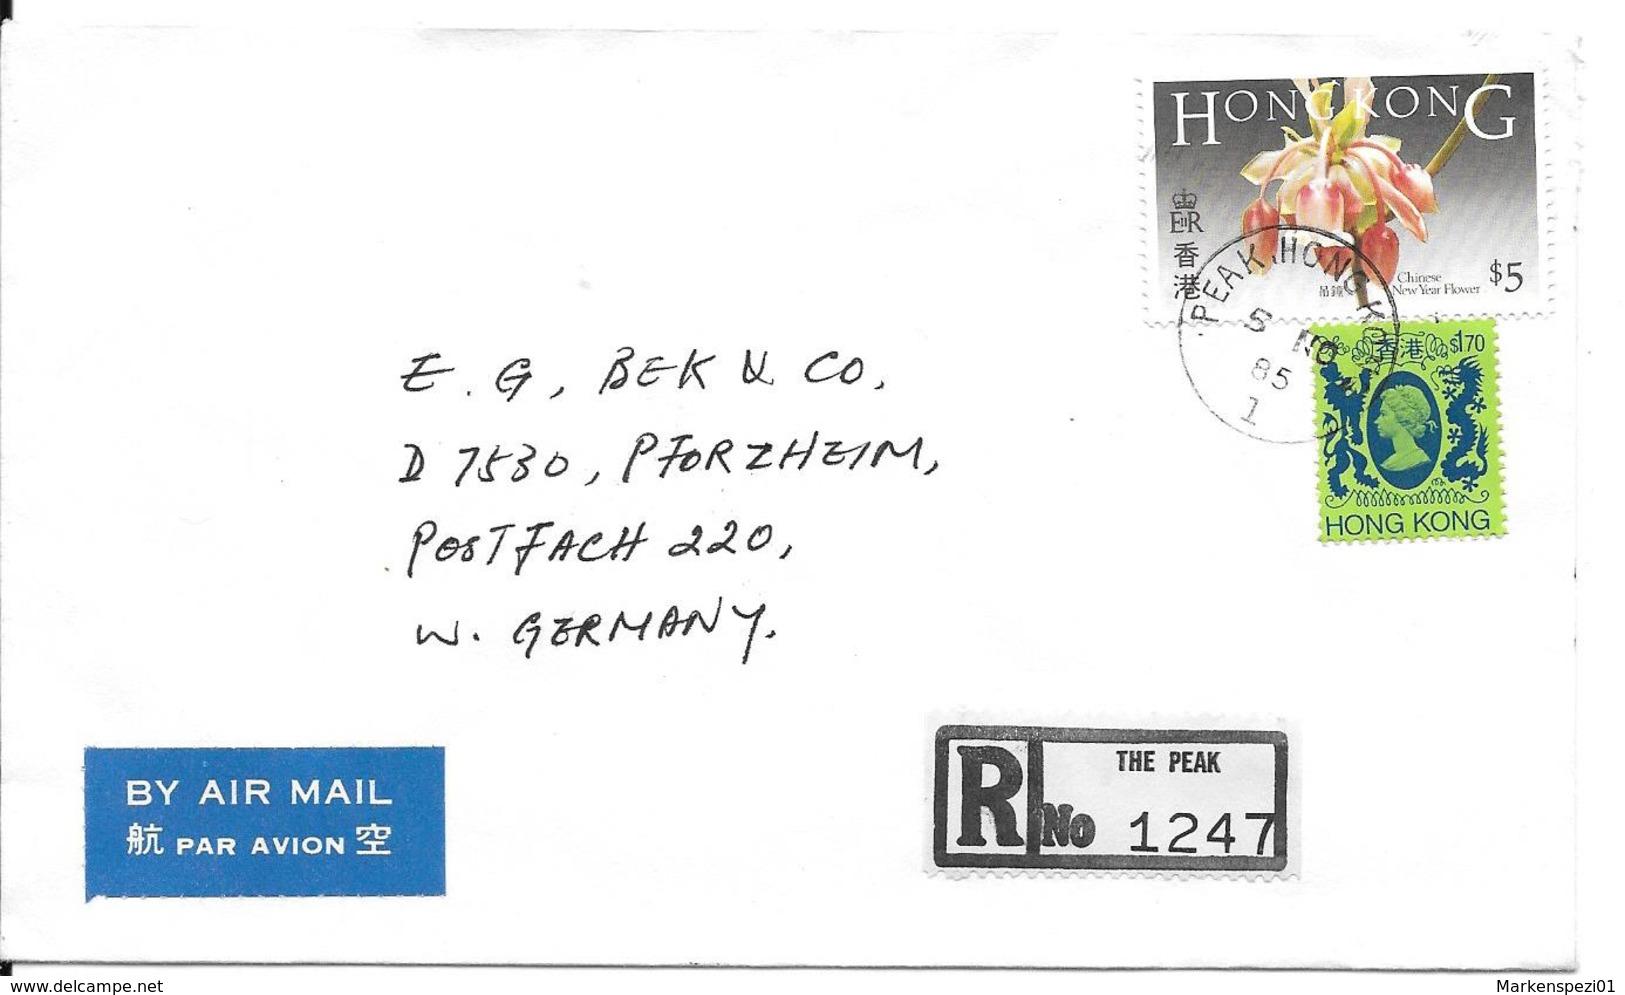 Hongkong Luftpost Einschreibe Beleg MiF 1985 - Pforzheim - Lettres & Documents